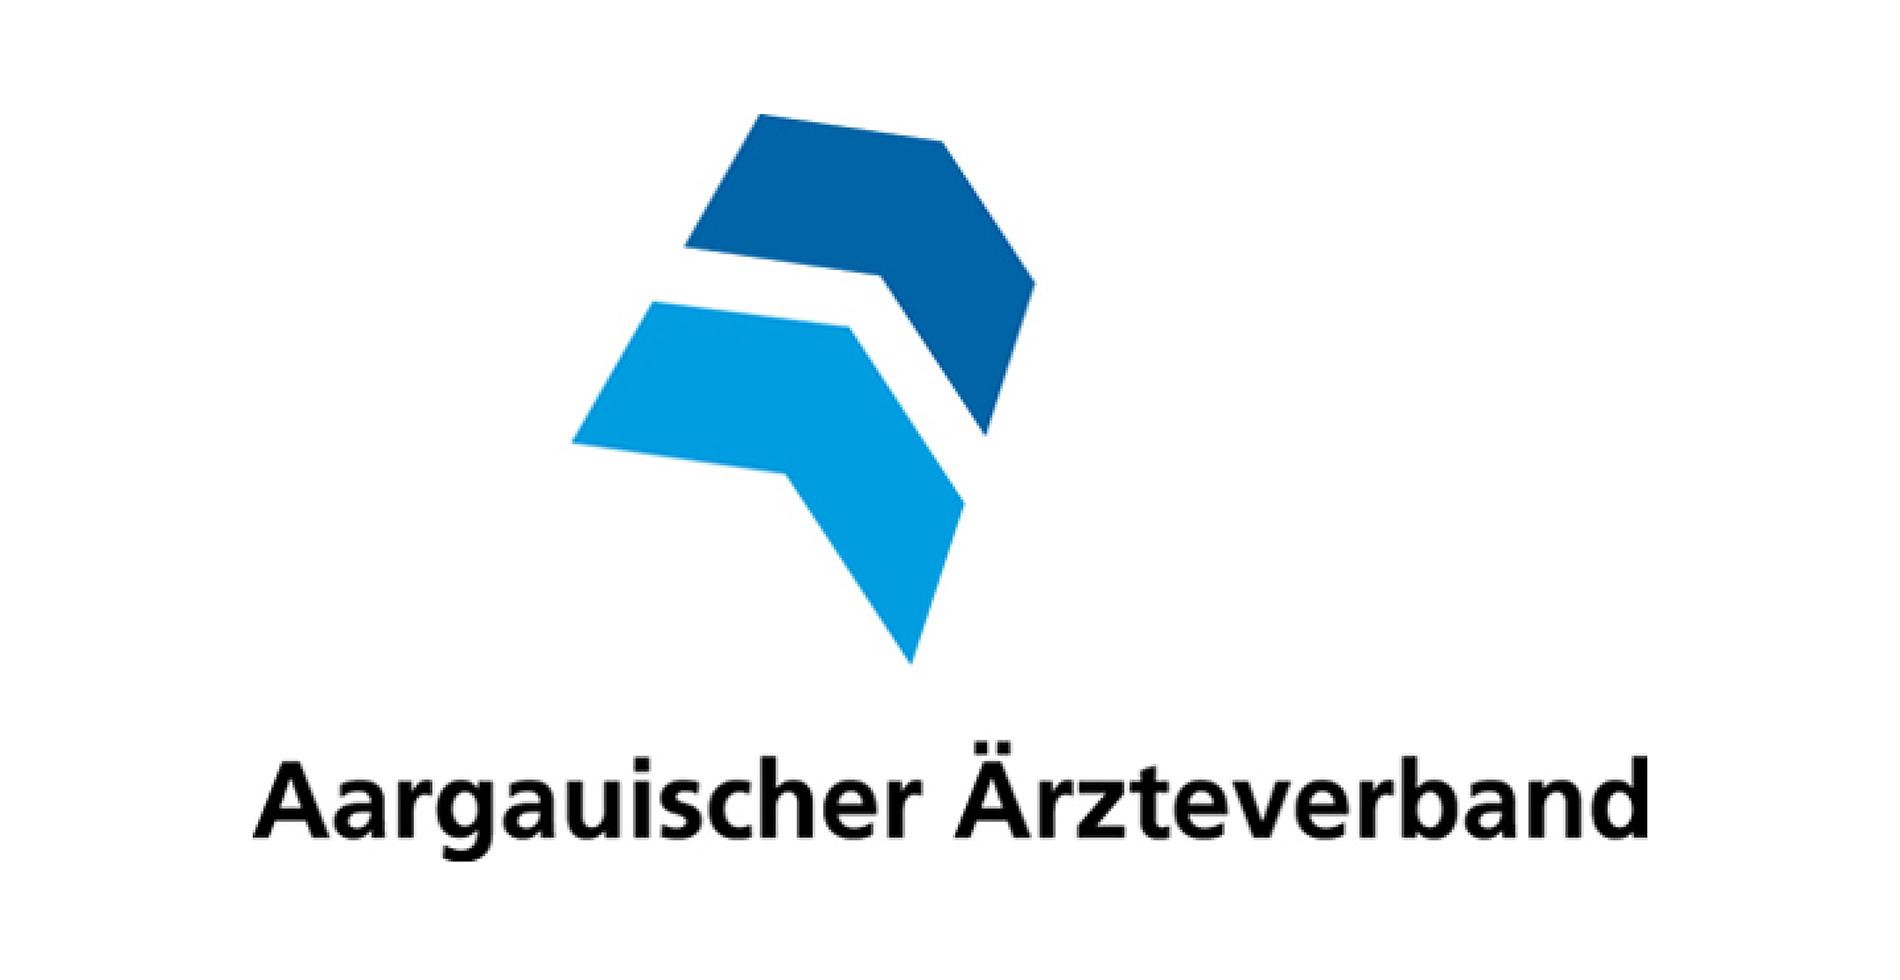 aargauer aerzte logo